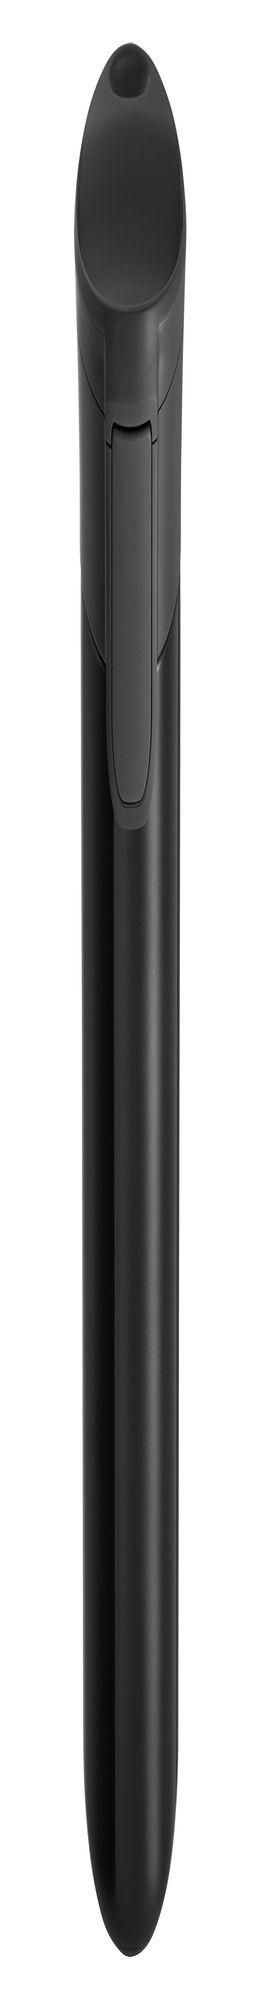 Термостакан Tralee, черный фото